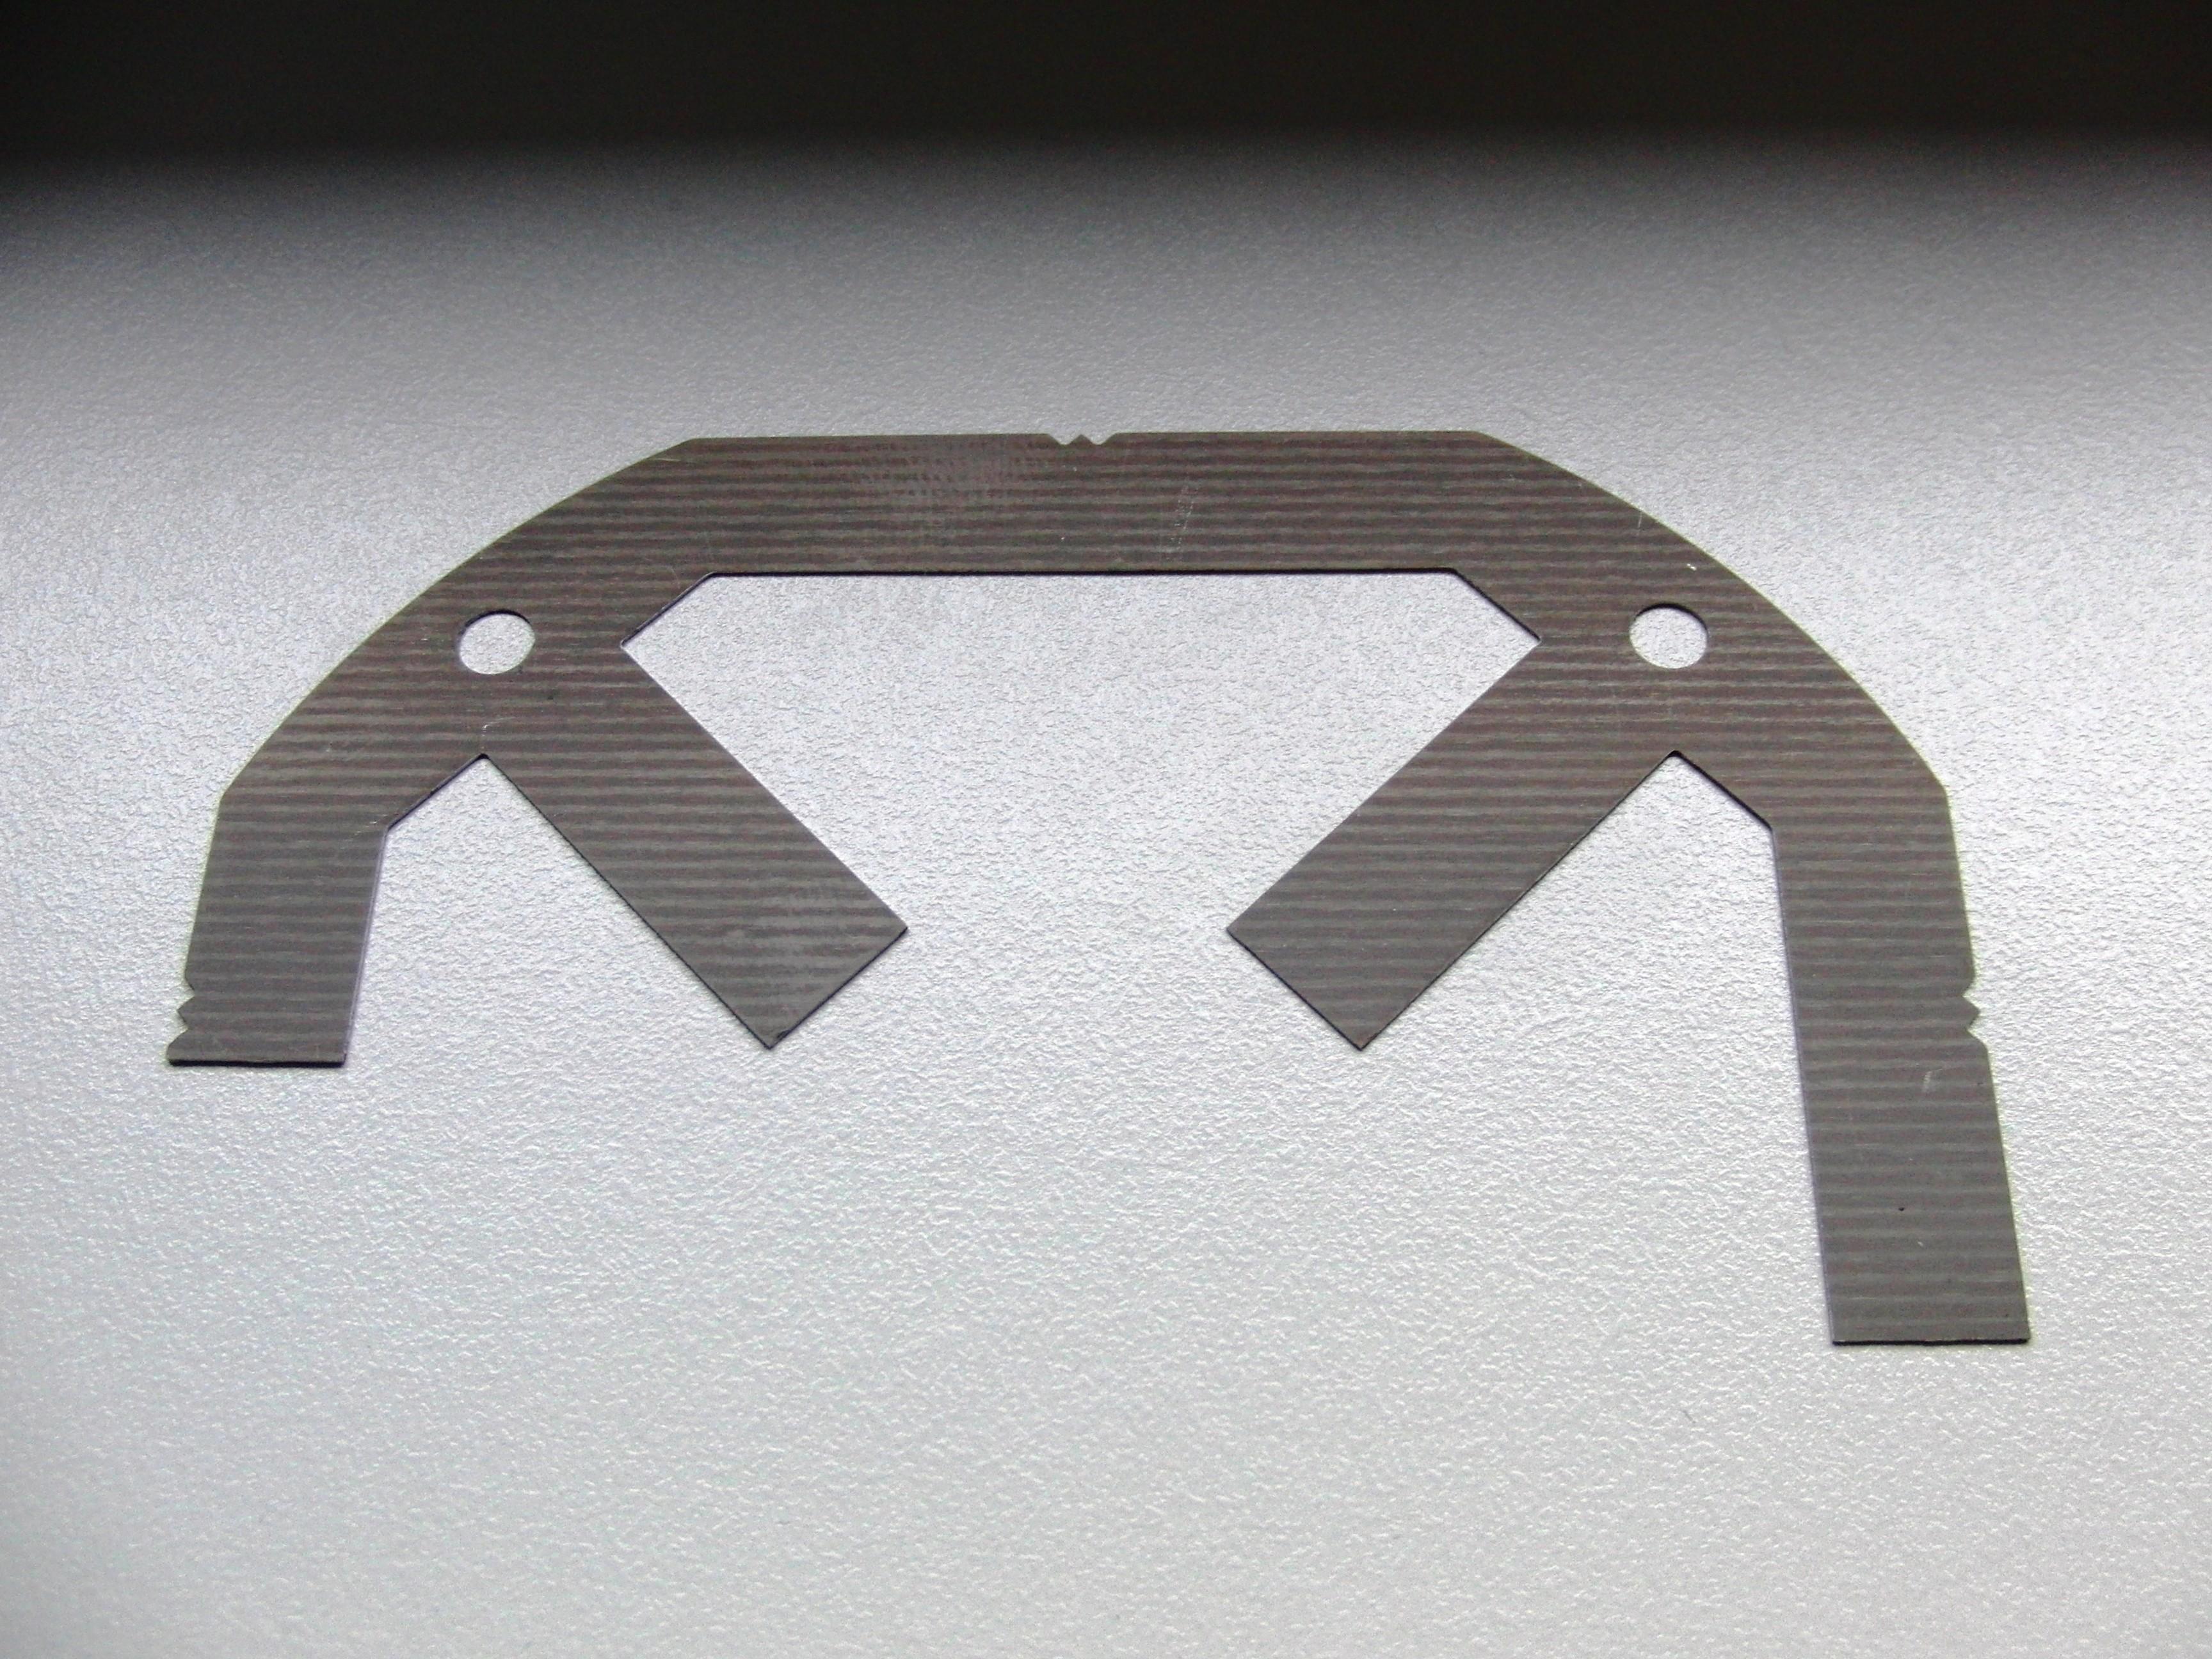 Laserschneiden Dienstleitung für die Elektronikindustrie